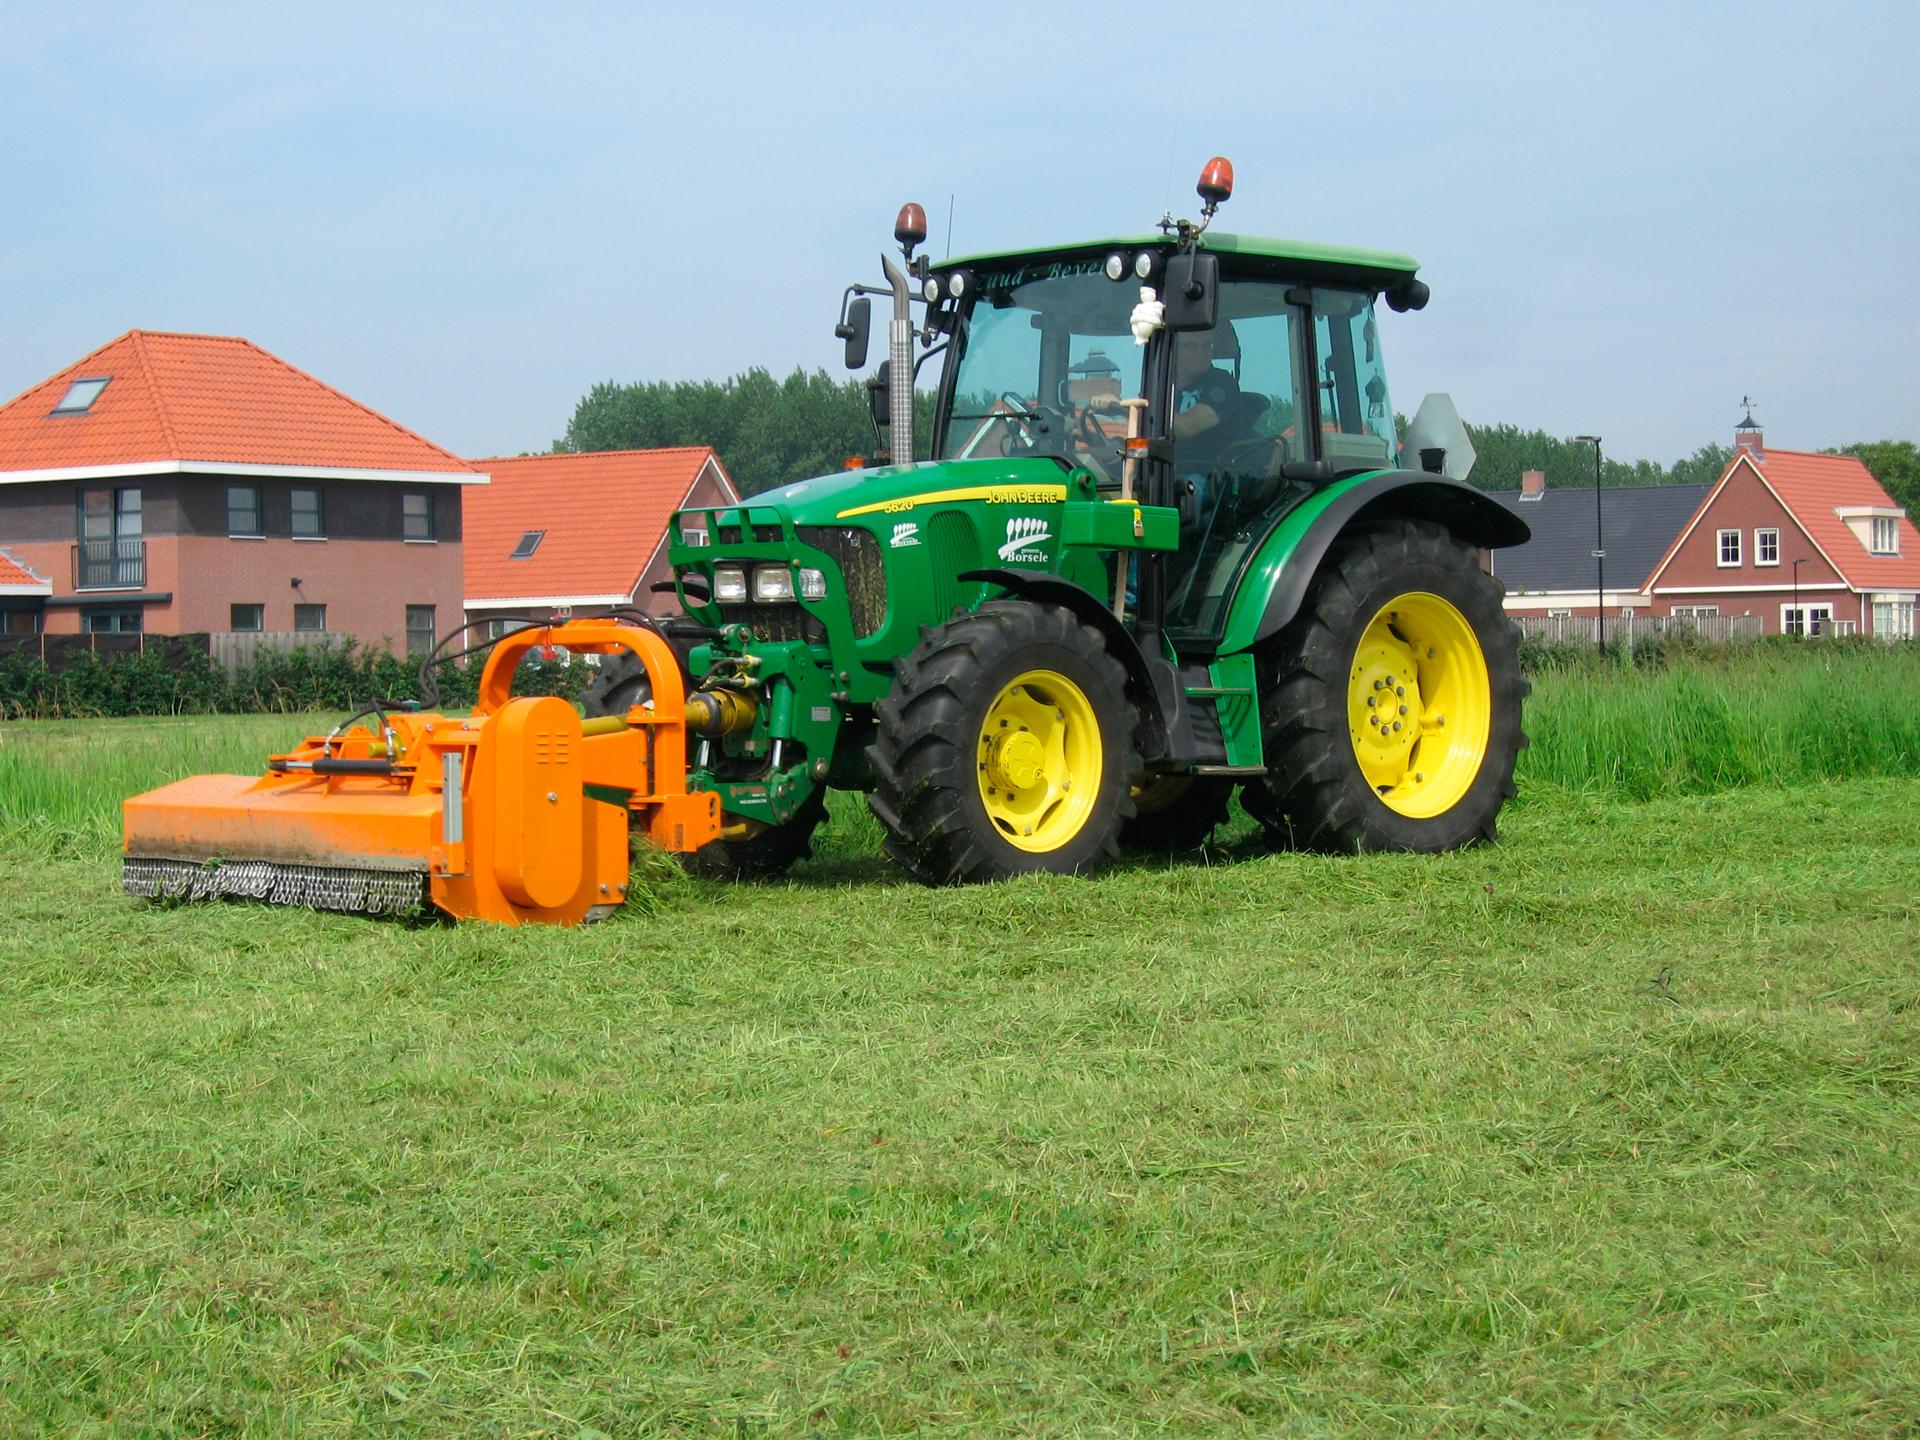 Mantenimiento-de-los-Tractores-Agricolas-1920